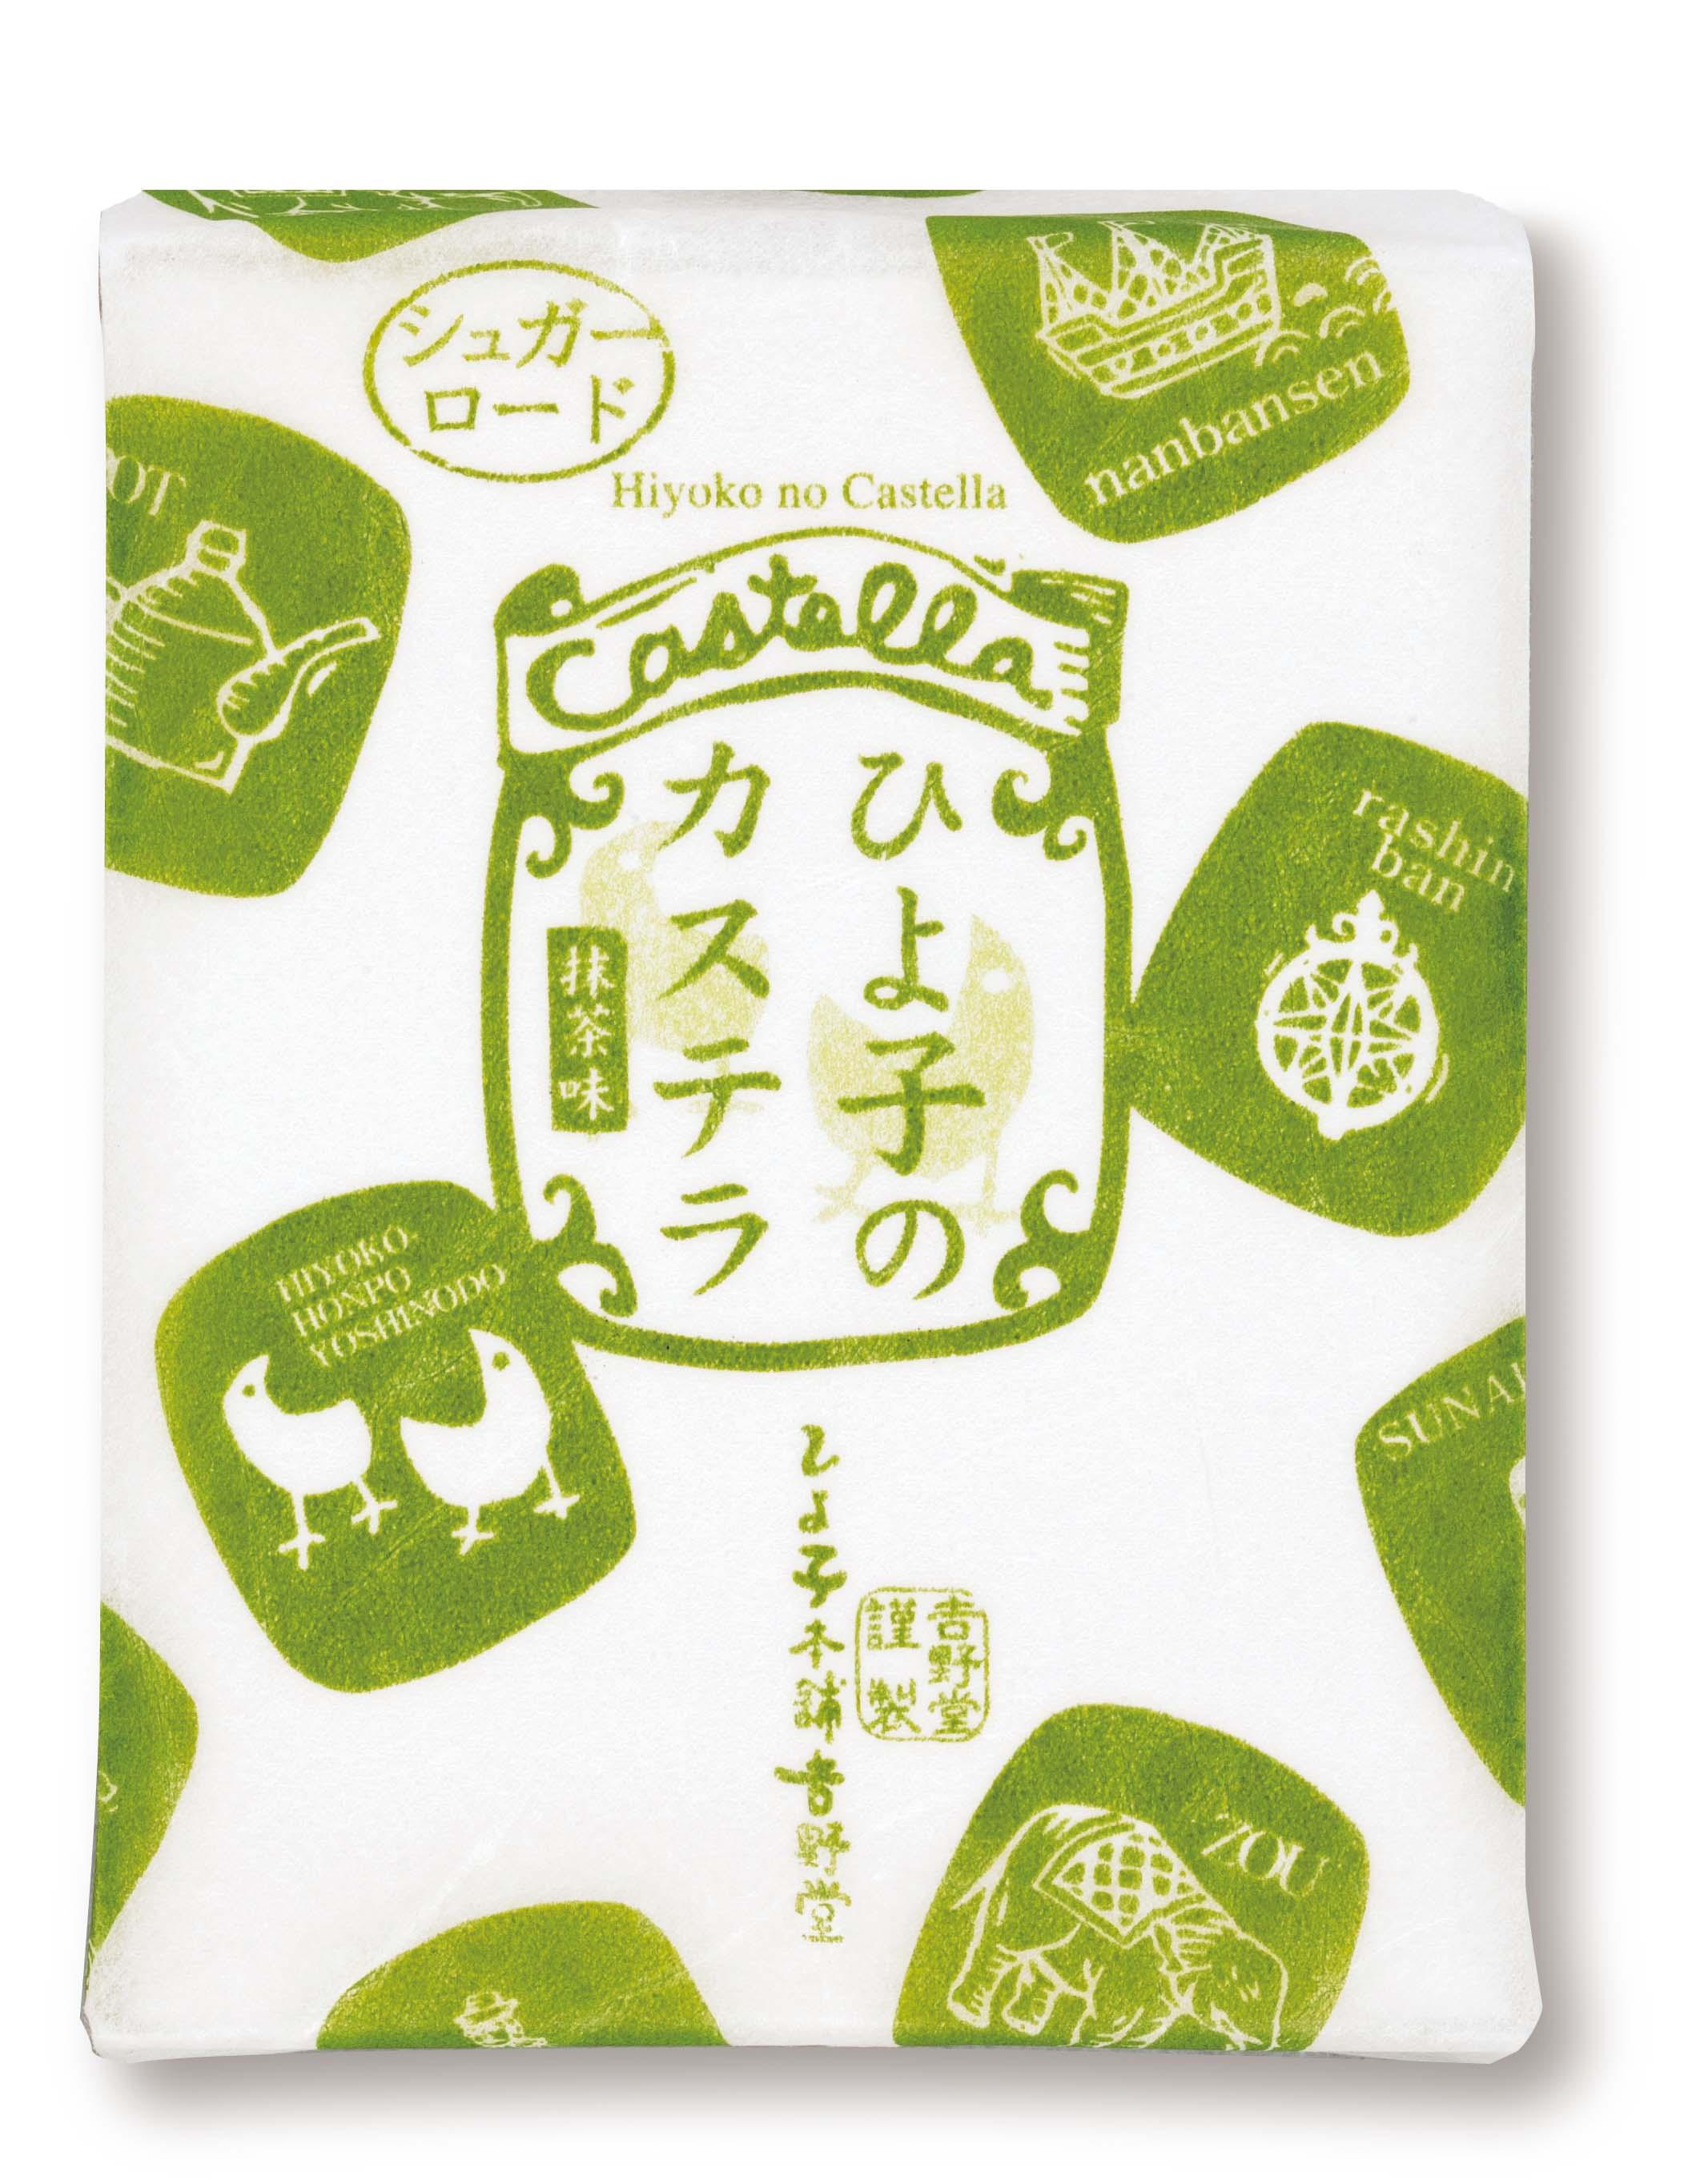 抹茶カステラ 0.5号箱